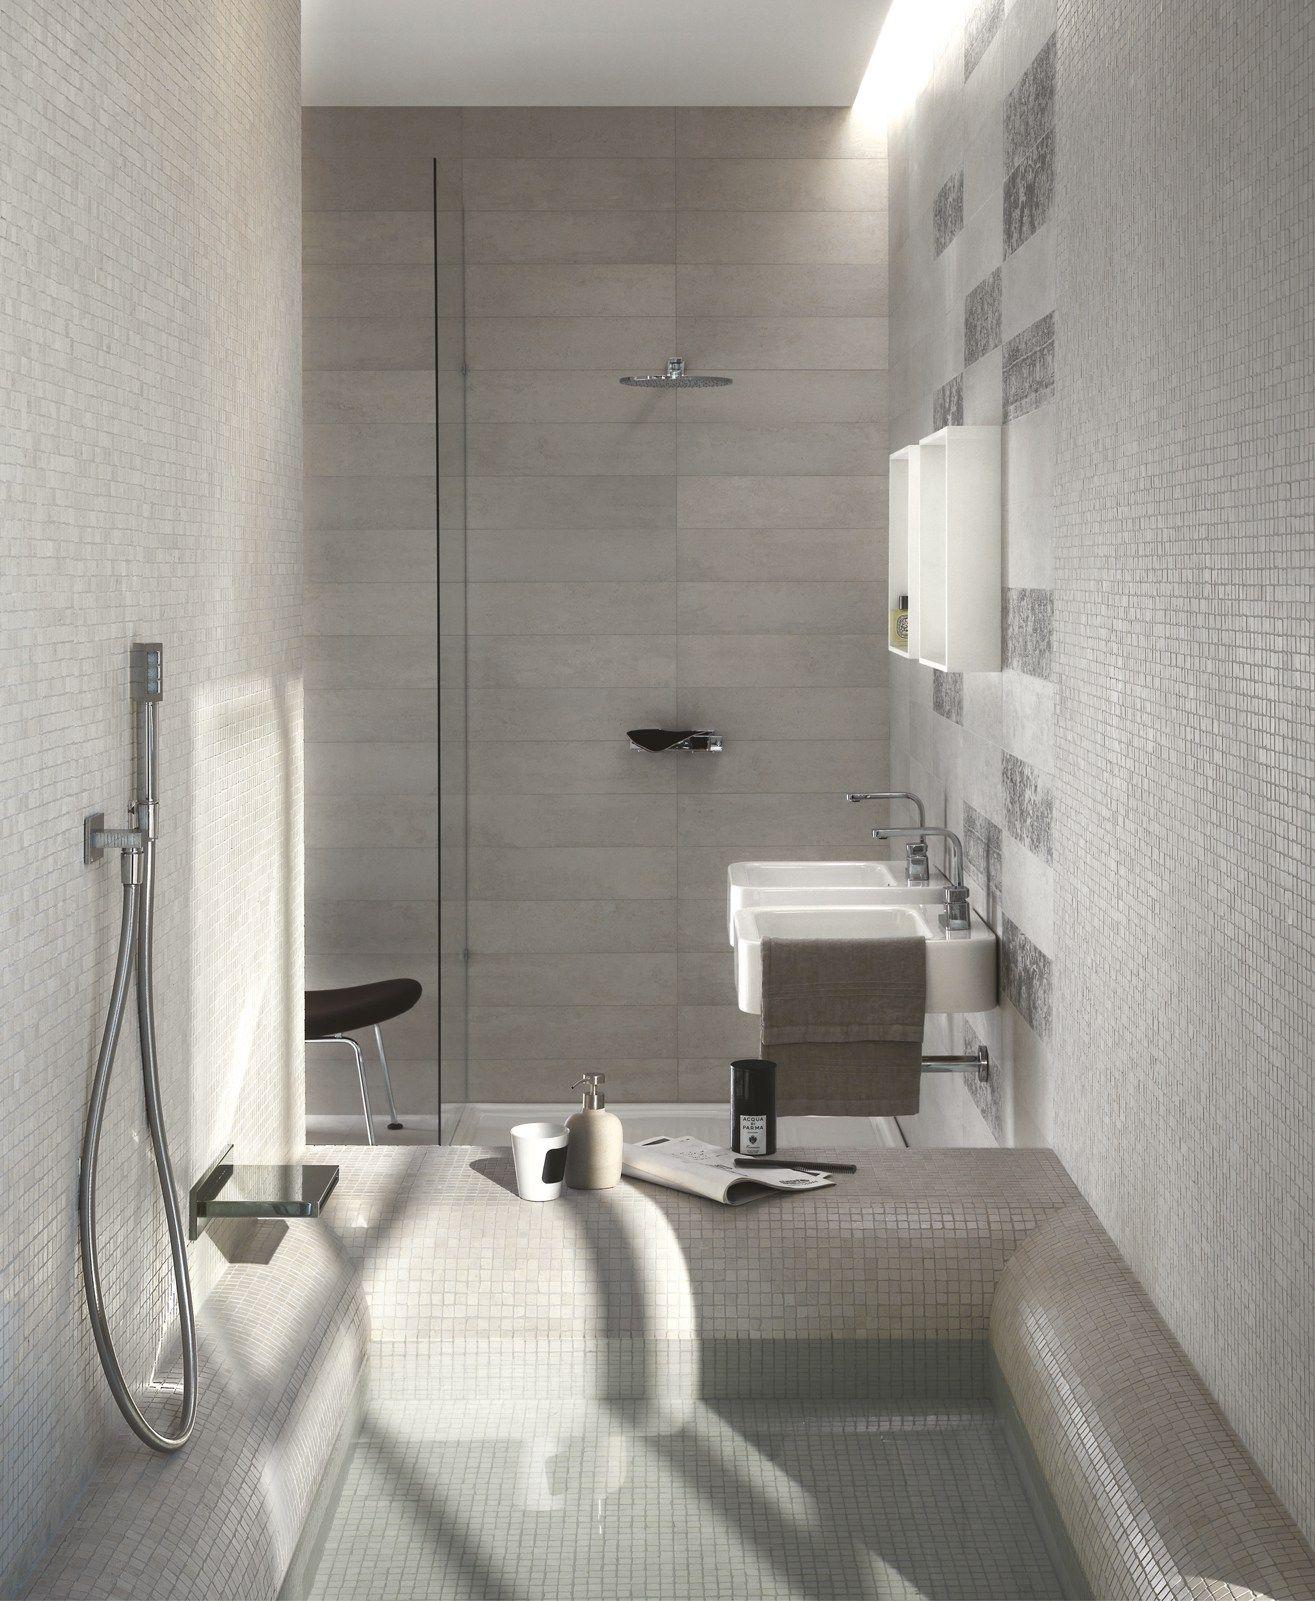 Concept pavimento by ragno - Piastrelle ragno prezzi ...